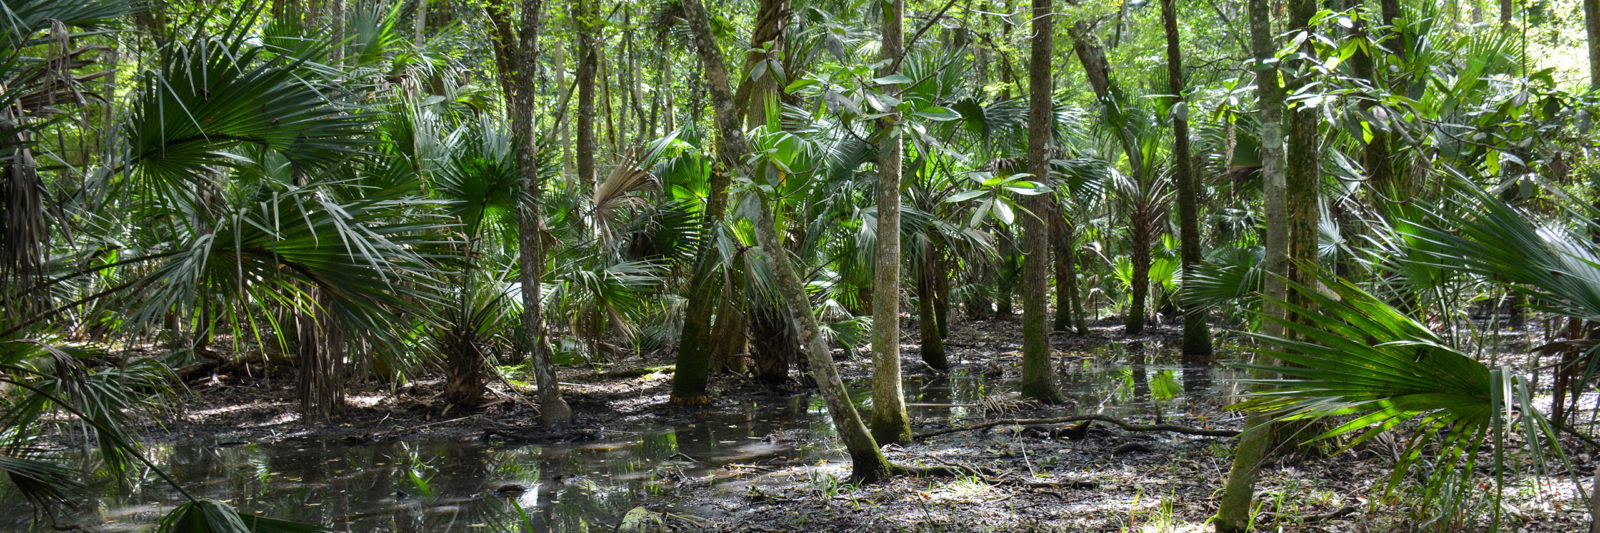 swampy trail Bulow Woods